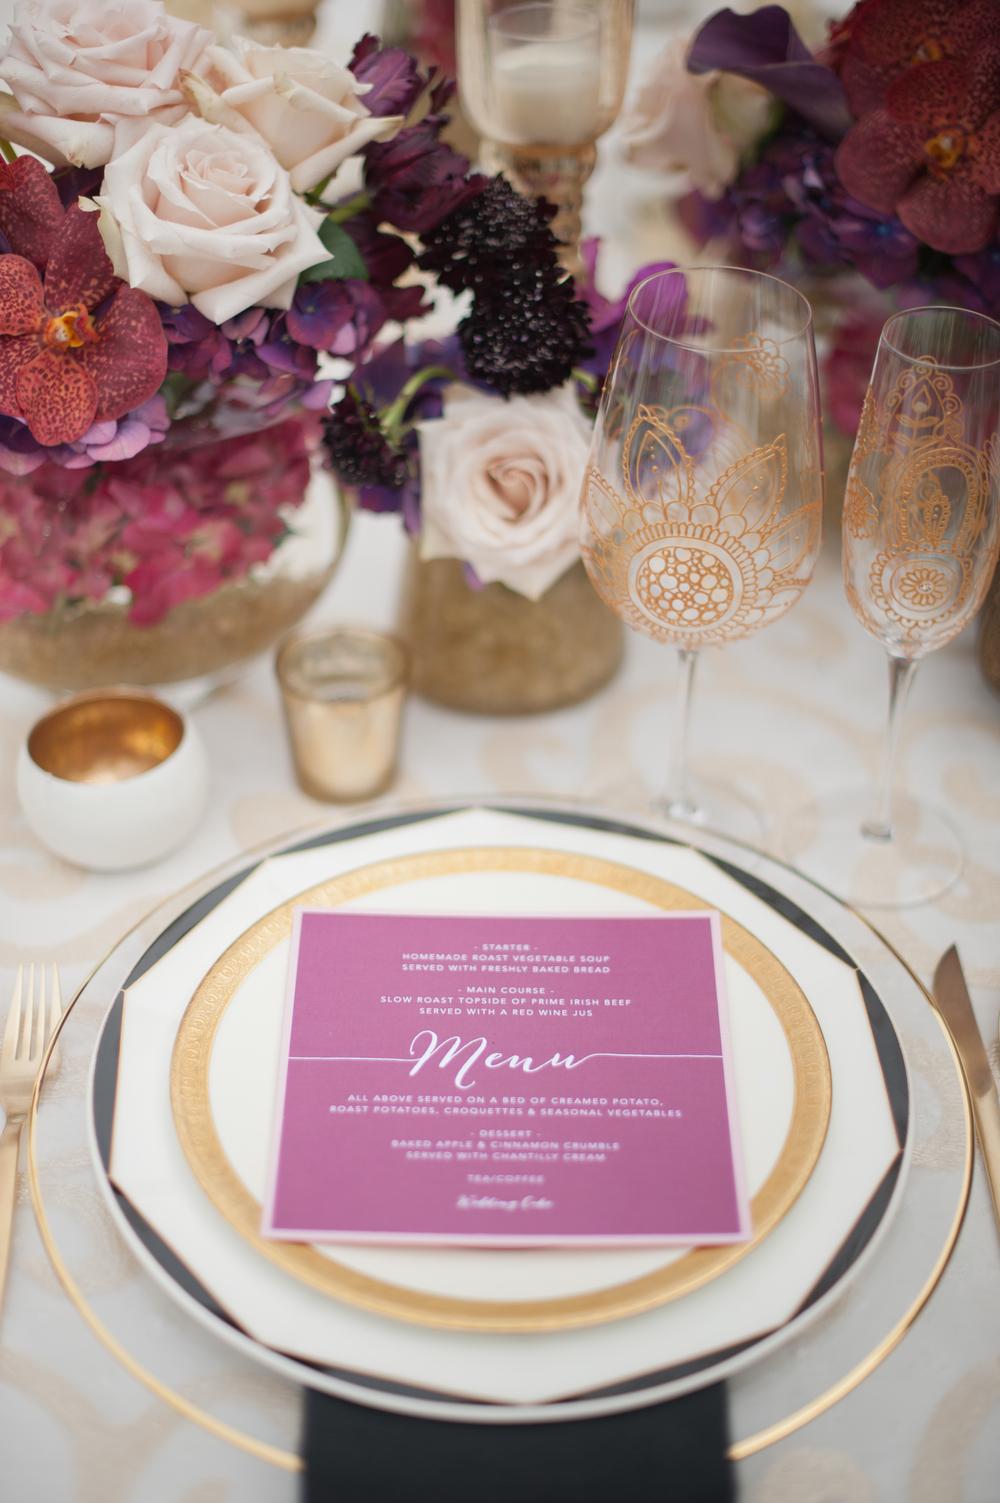 ThompsonHotel_modern_wedding_toronto-31.jpg